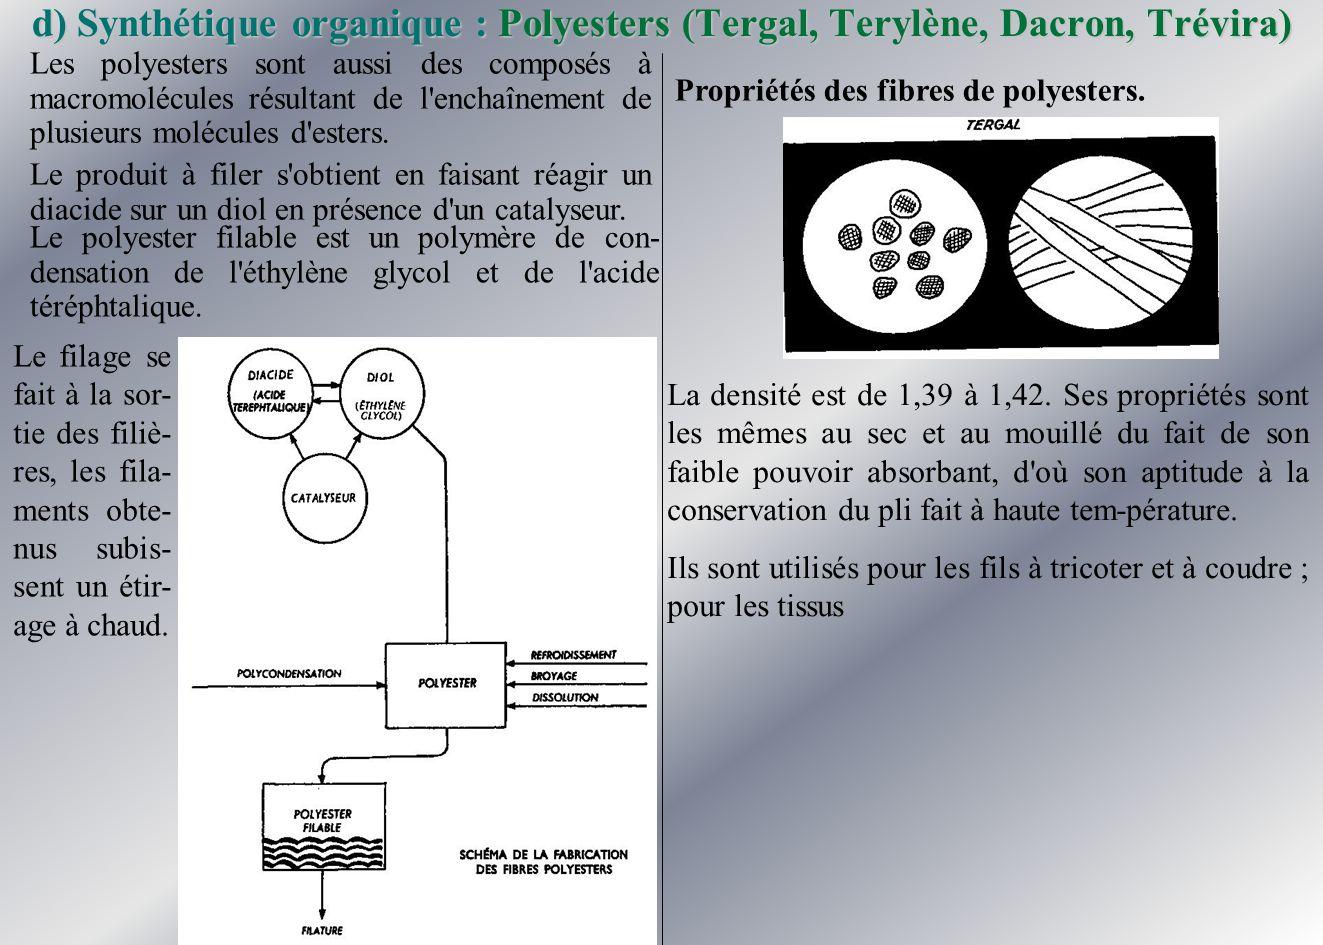 d) Synthétique organique : Polyesters (Tergal, Terylène, Dacron, Trévira)